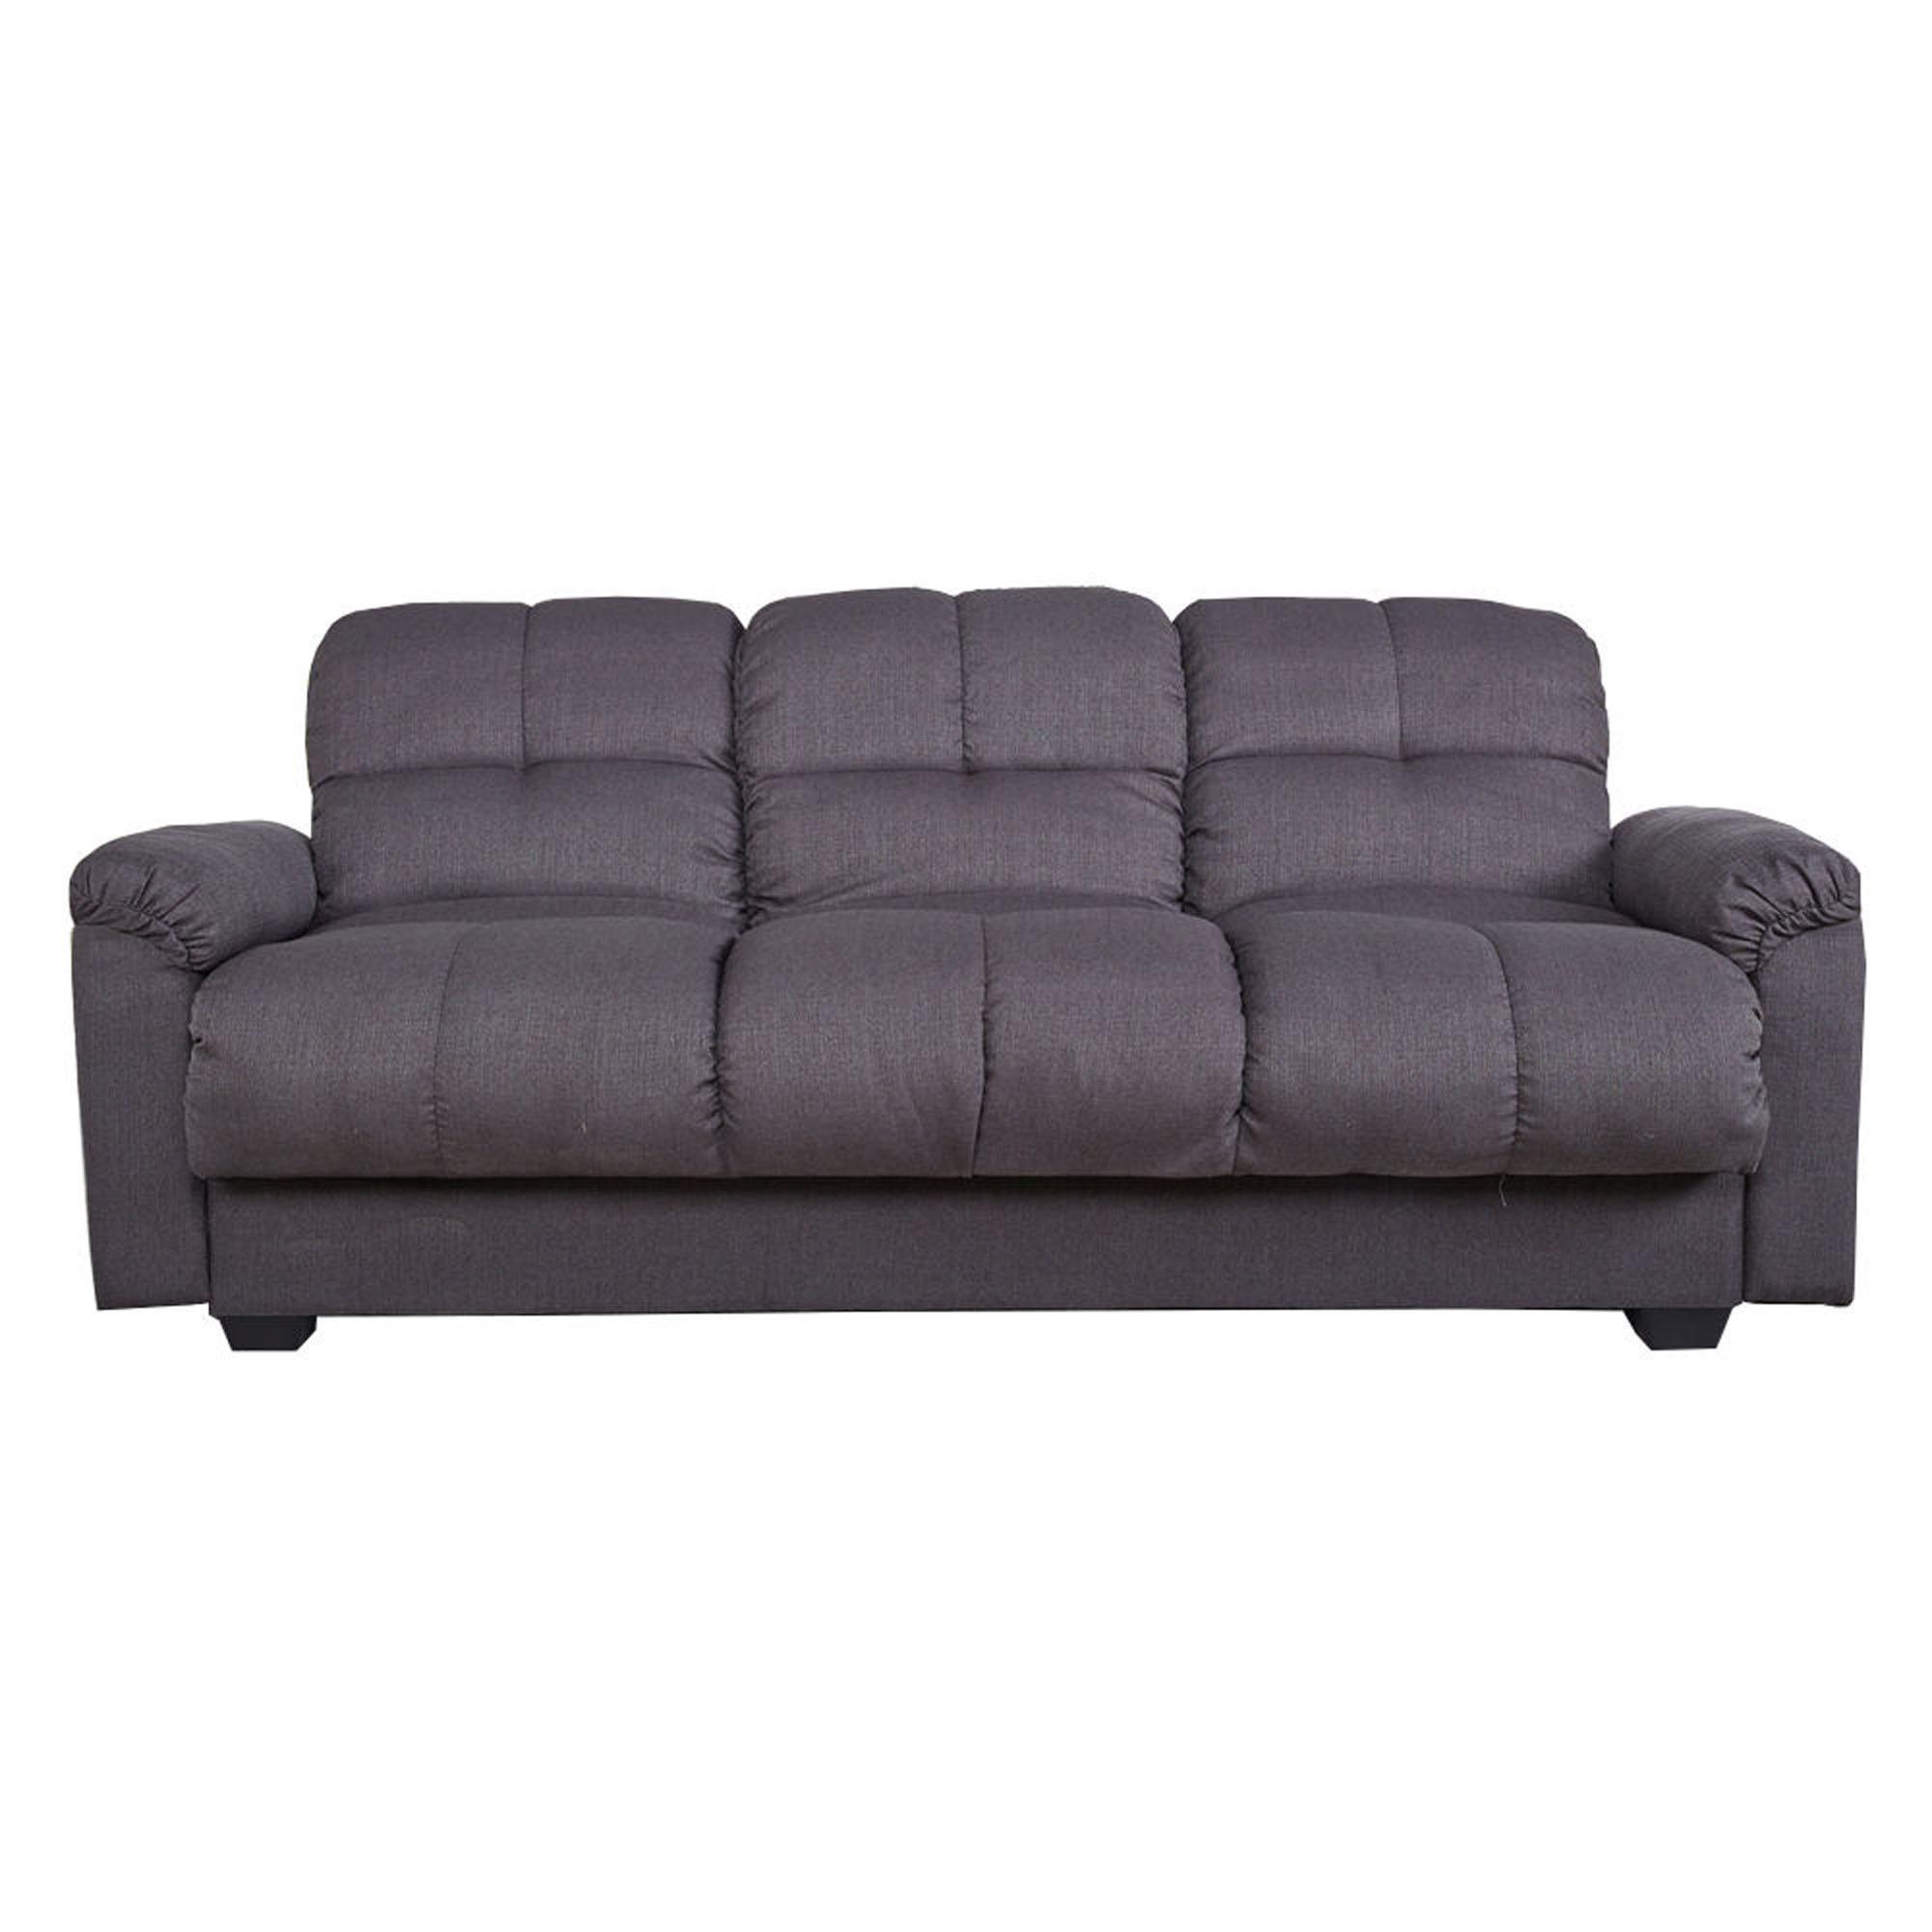 Cate Fabric Sofa Bed Retro sofa, Fabric sofa, Sofa bed